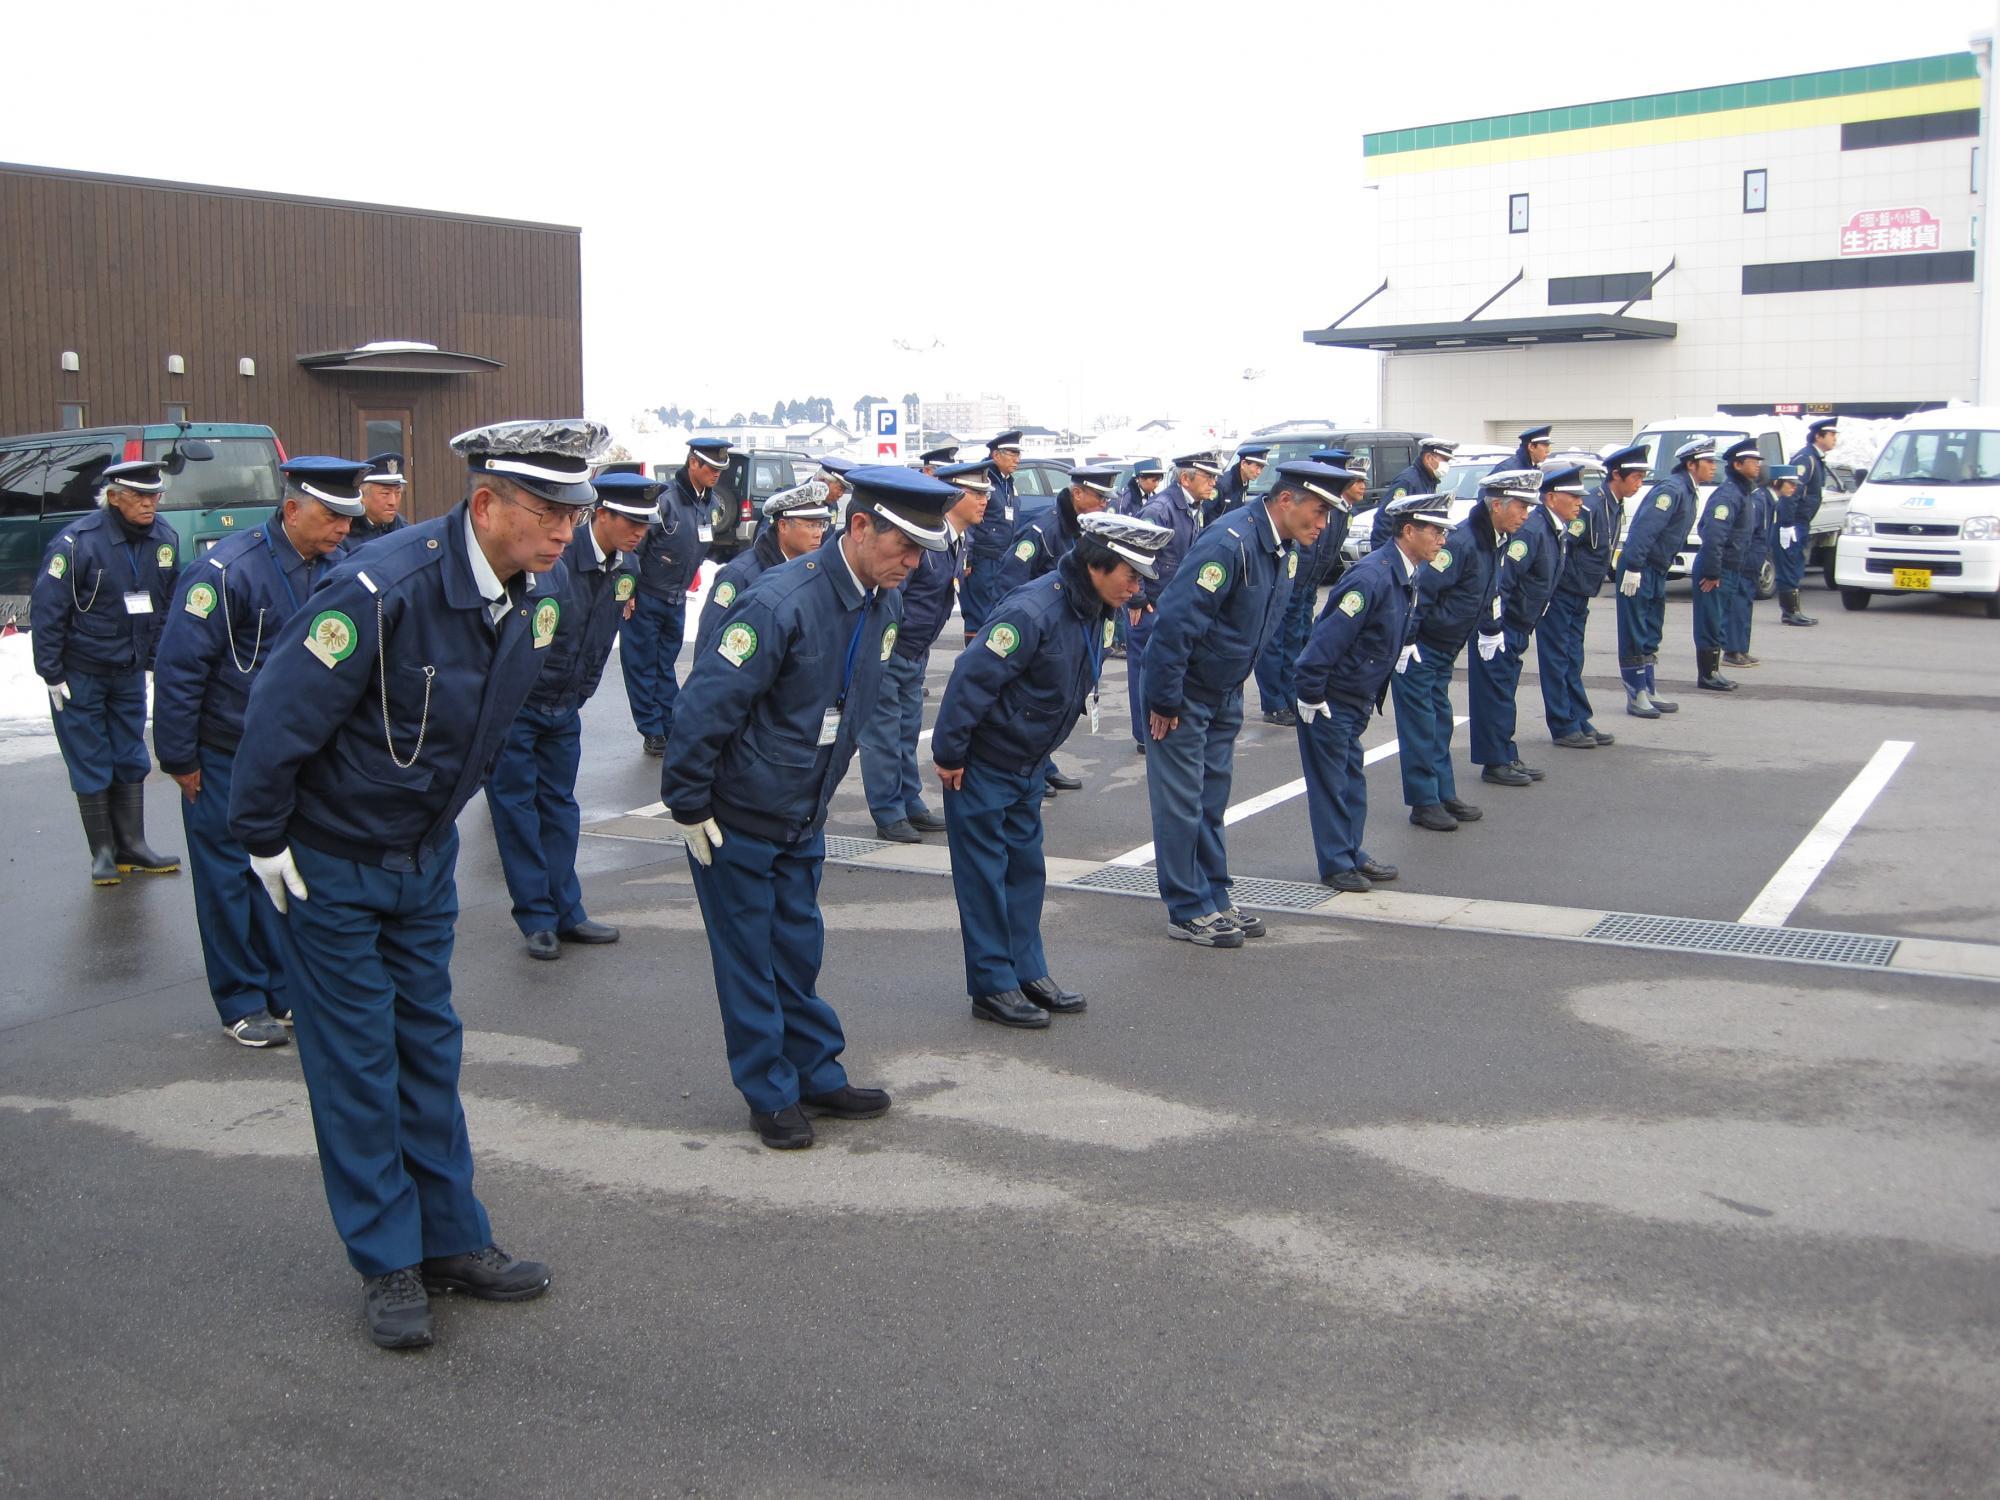 【パート】富山県内の交通誘導警備 ※経験者優遇 未経験者歓迎 シニア歓迎